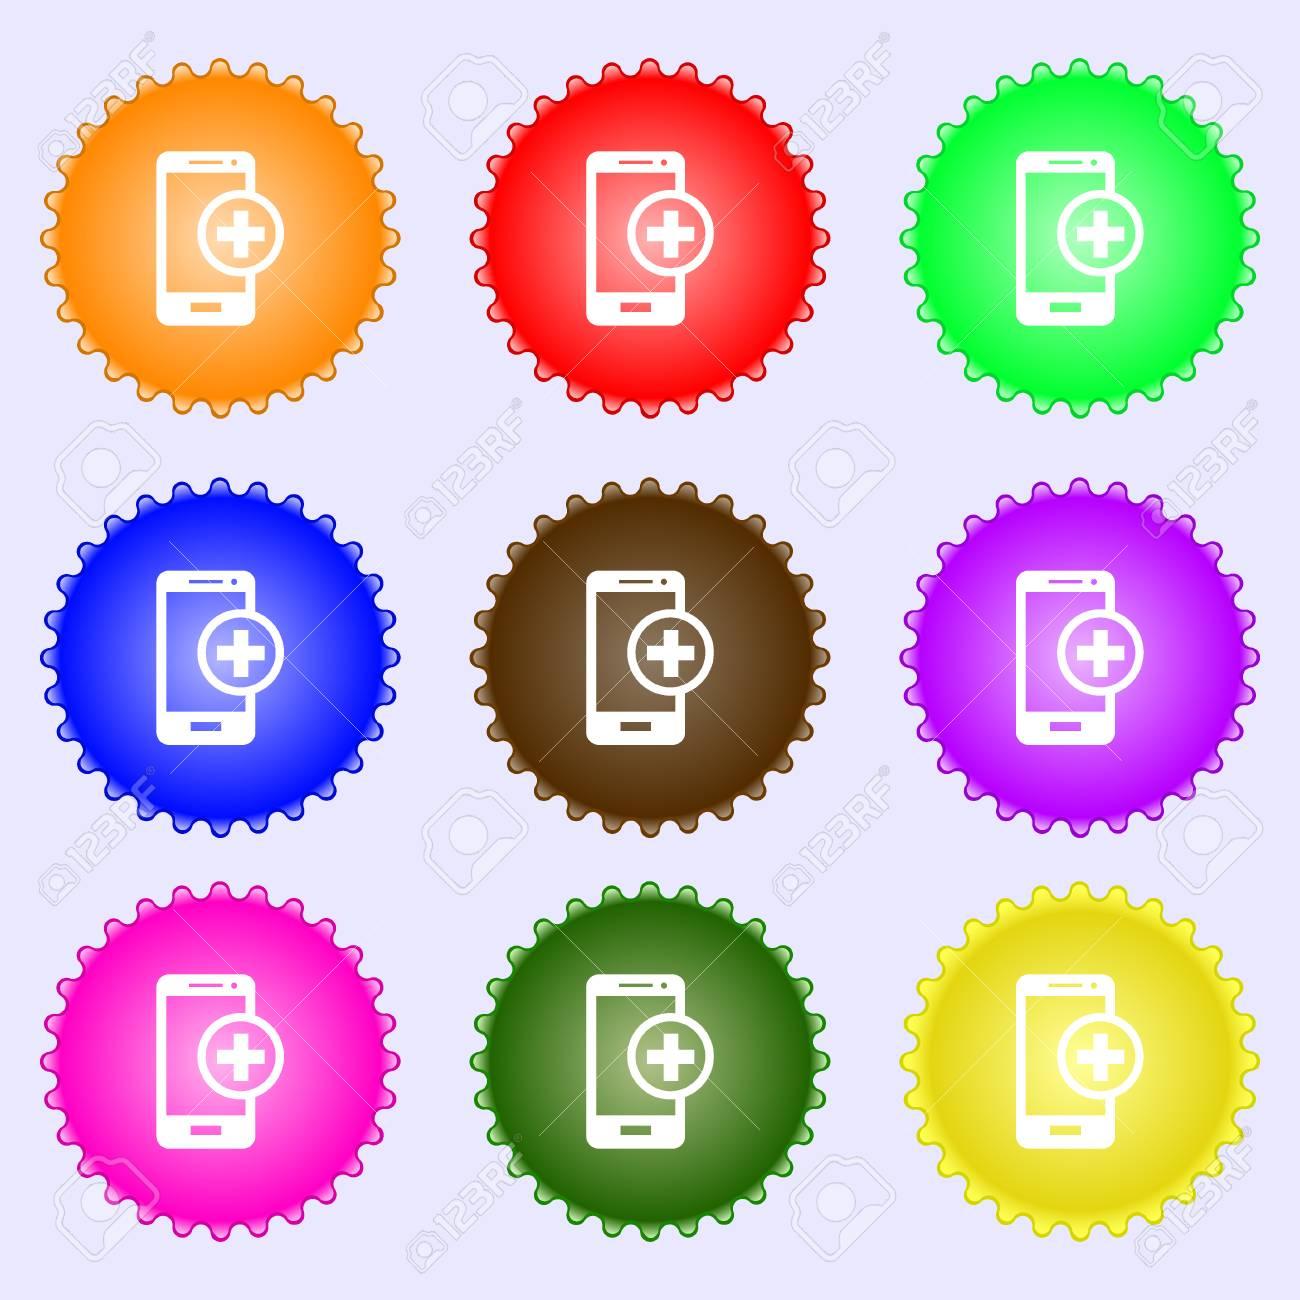 Un Insieme Di Mobili.Immagini Stock I Dispositivi Mobili Segno Icona Con Il Simbolo